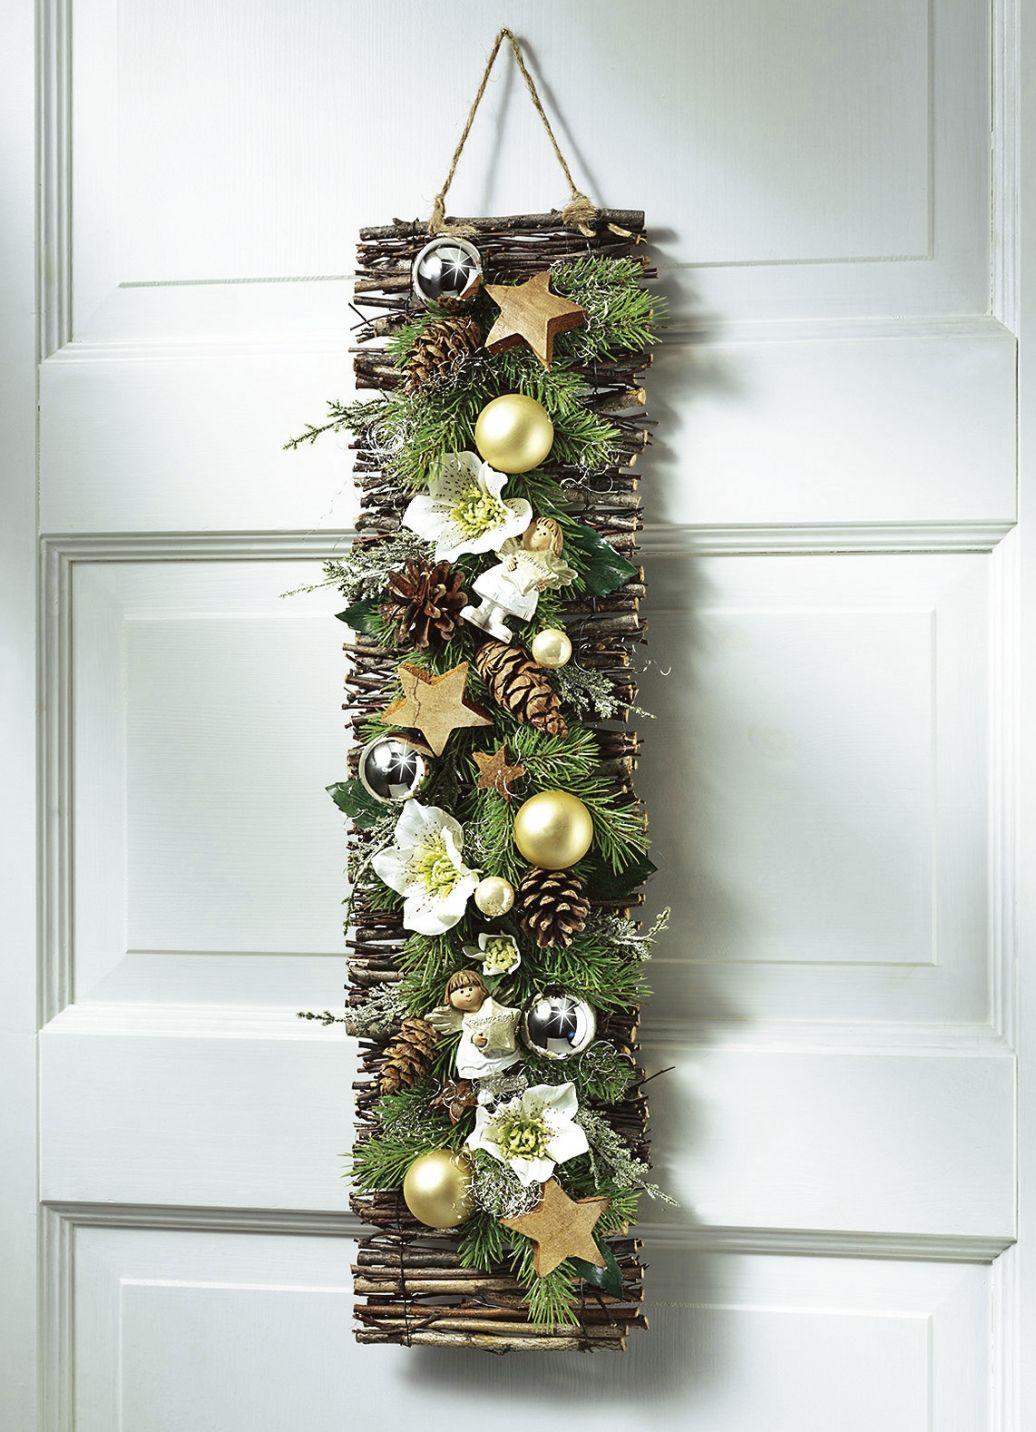 dekoh nger weihnachtliche dekorationen weihnachten. Black Bedroom Furniture Sets. Home Design Ideas